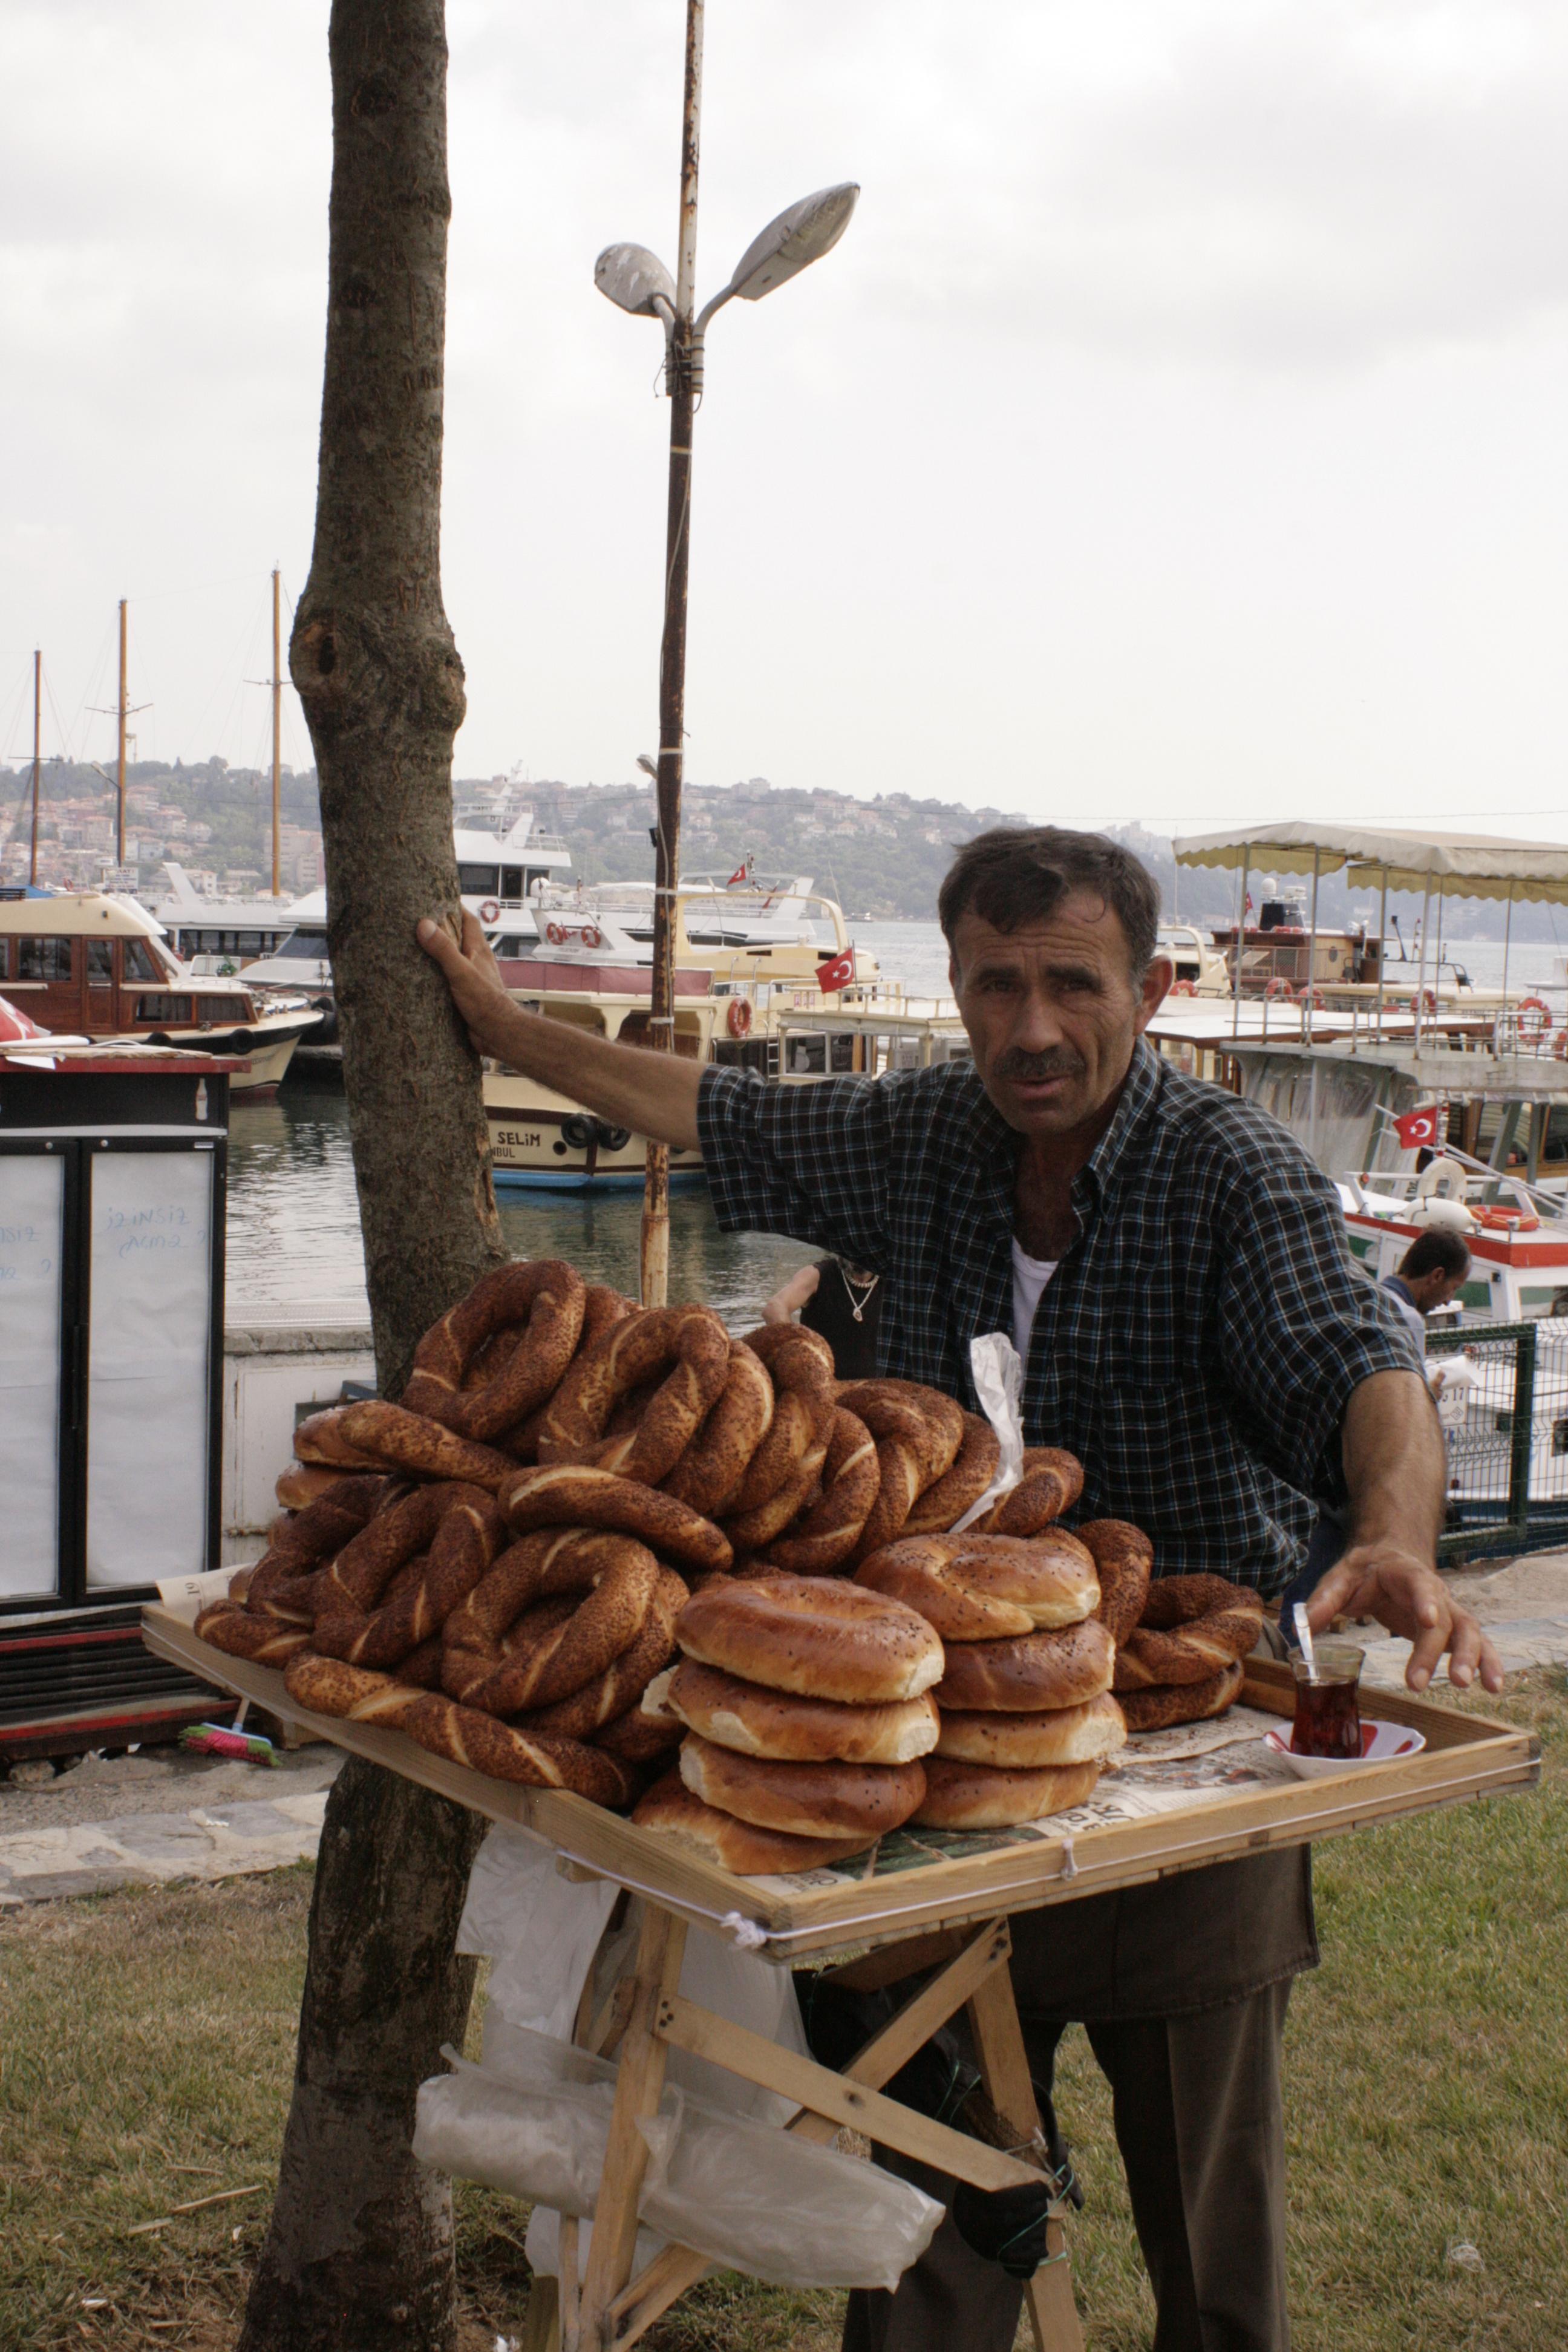 Simitų pardavėjas Bosforo pakrantėje